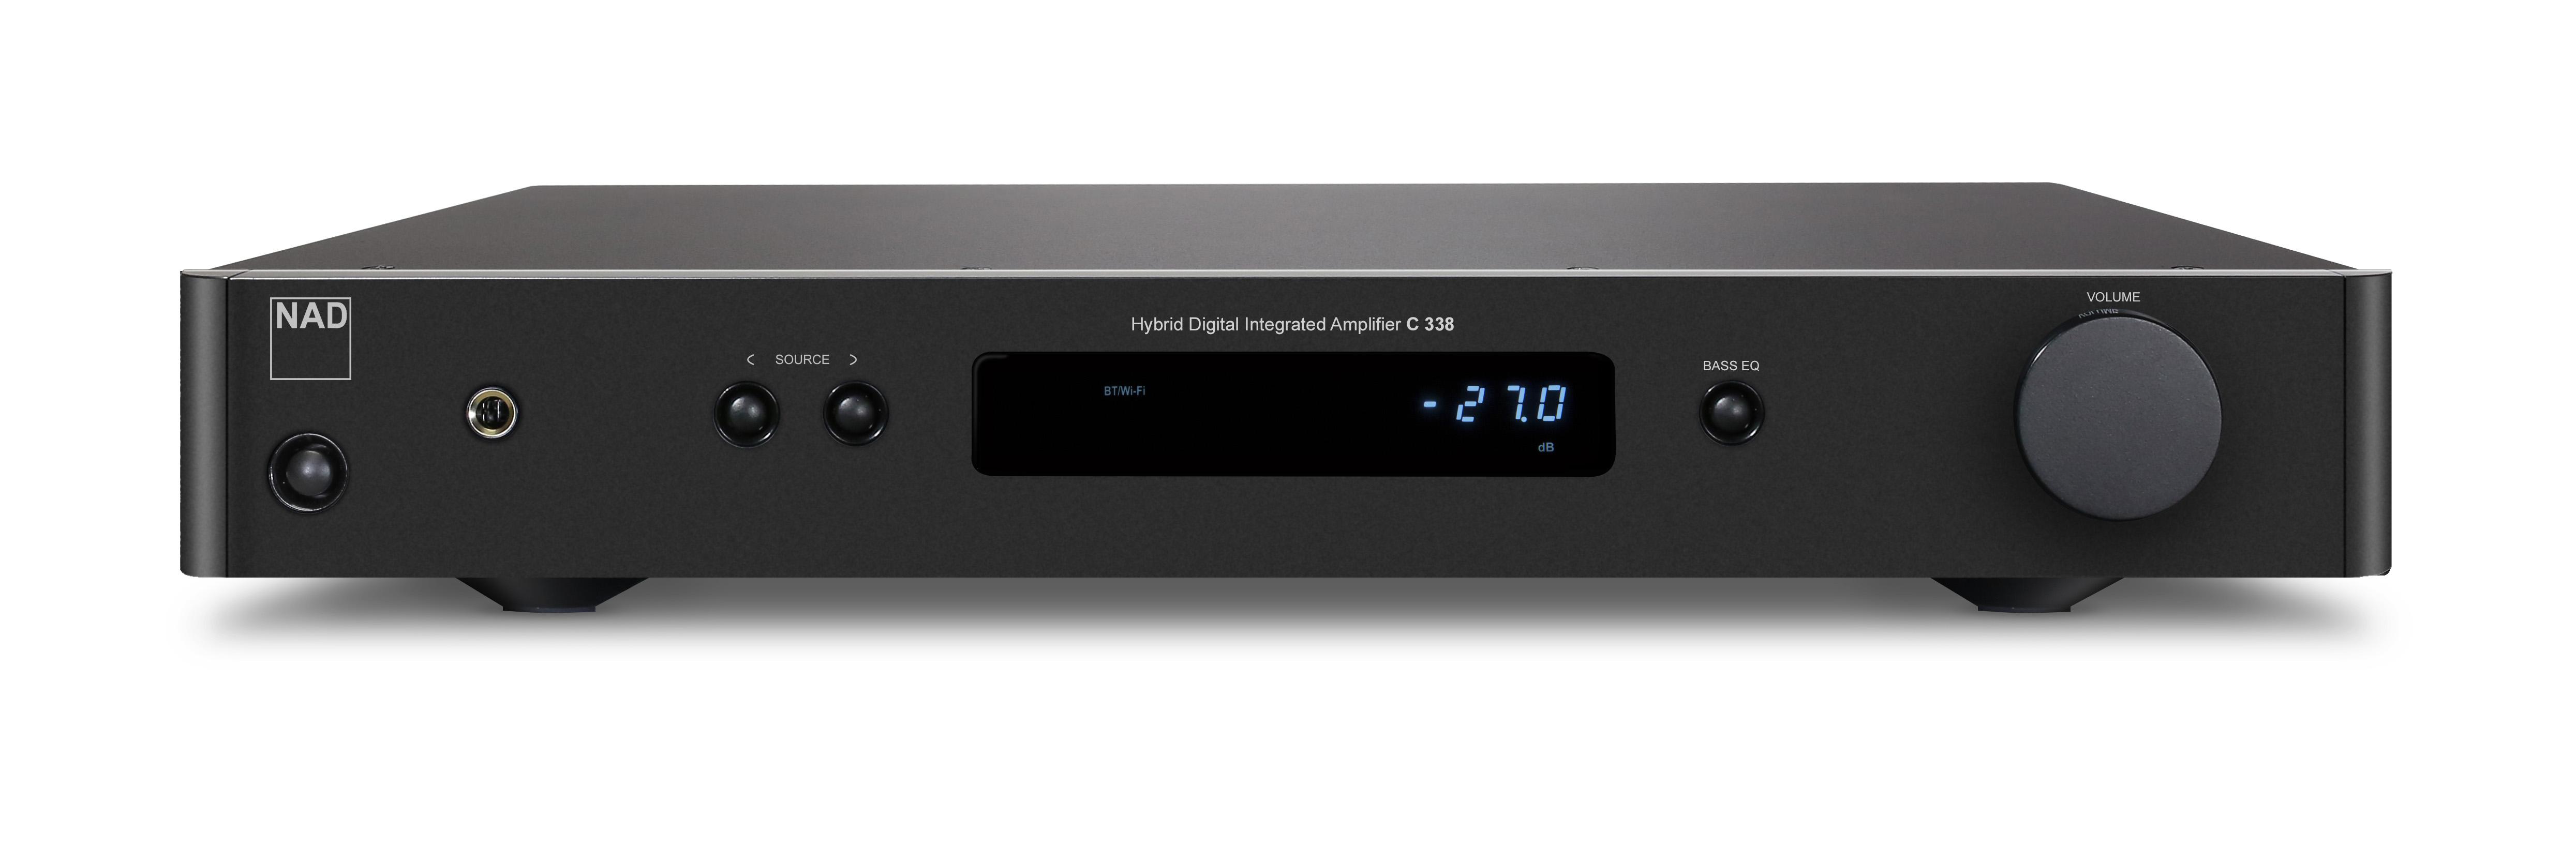 NAD C338 Hybrid Digital DAC Amplifier